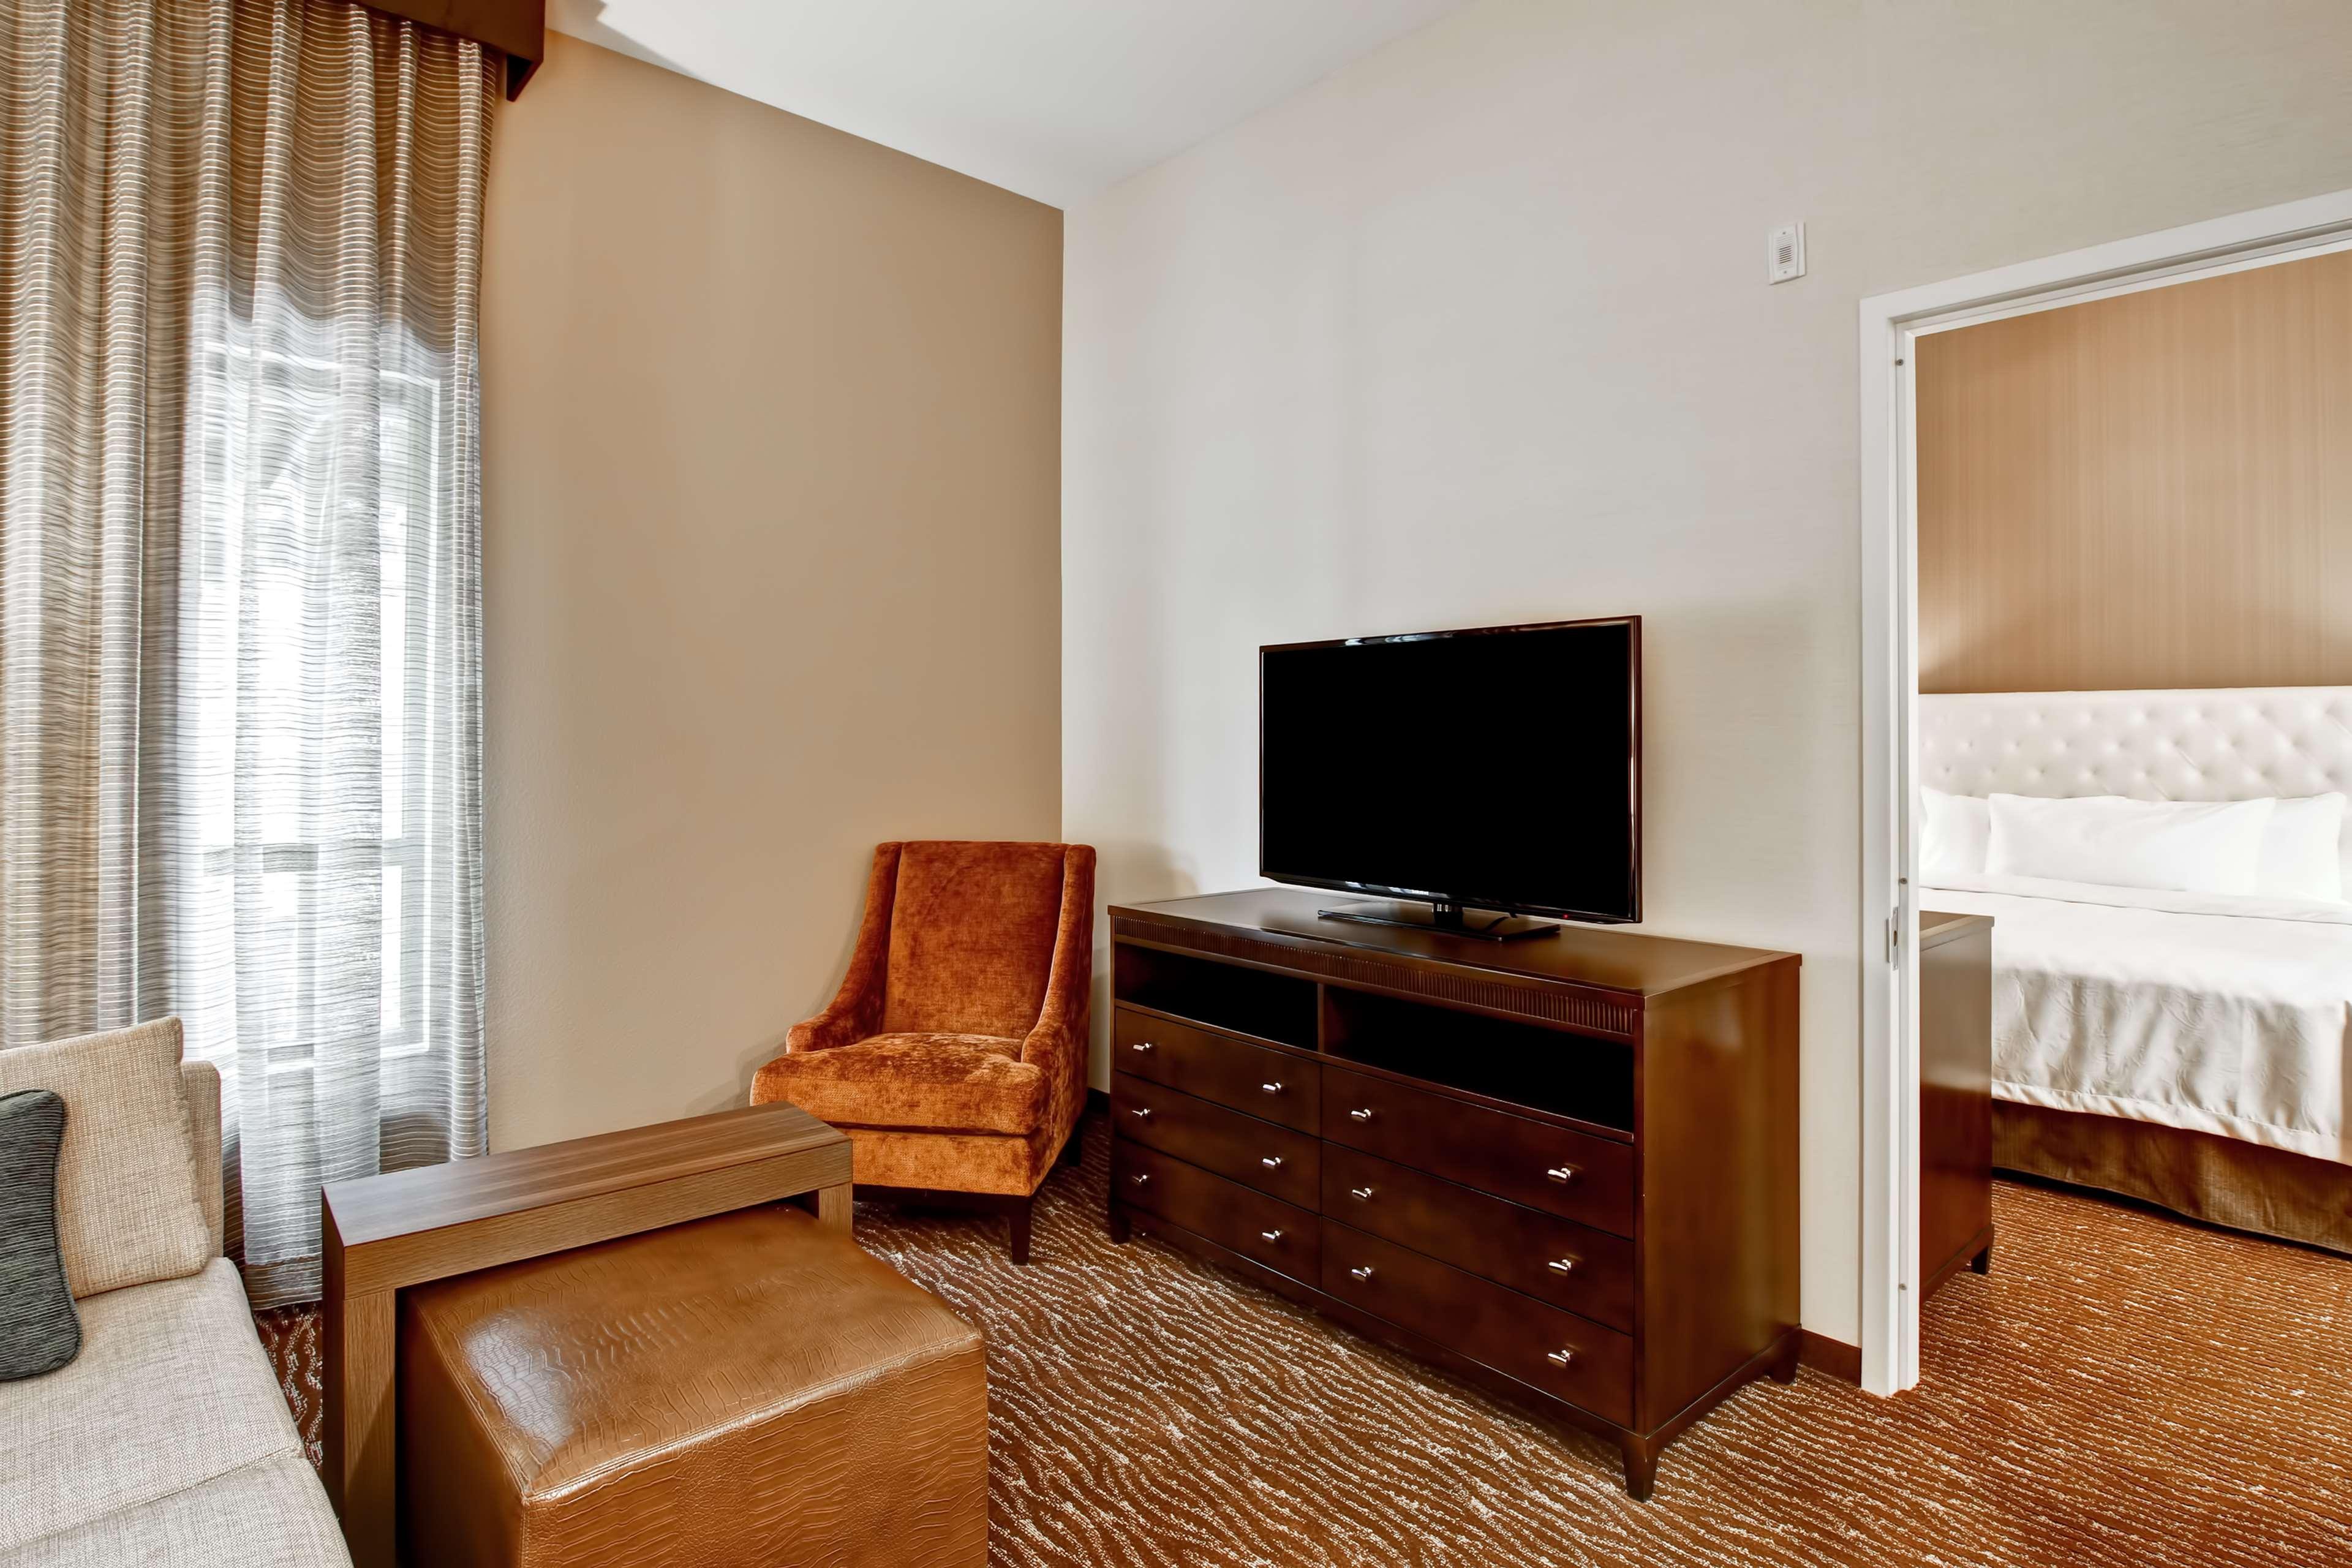 Homewood Suites by Hilton Palo Alto image 29